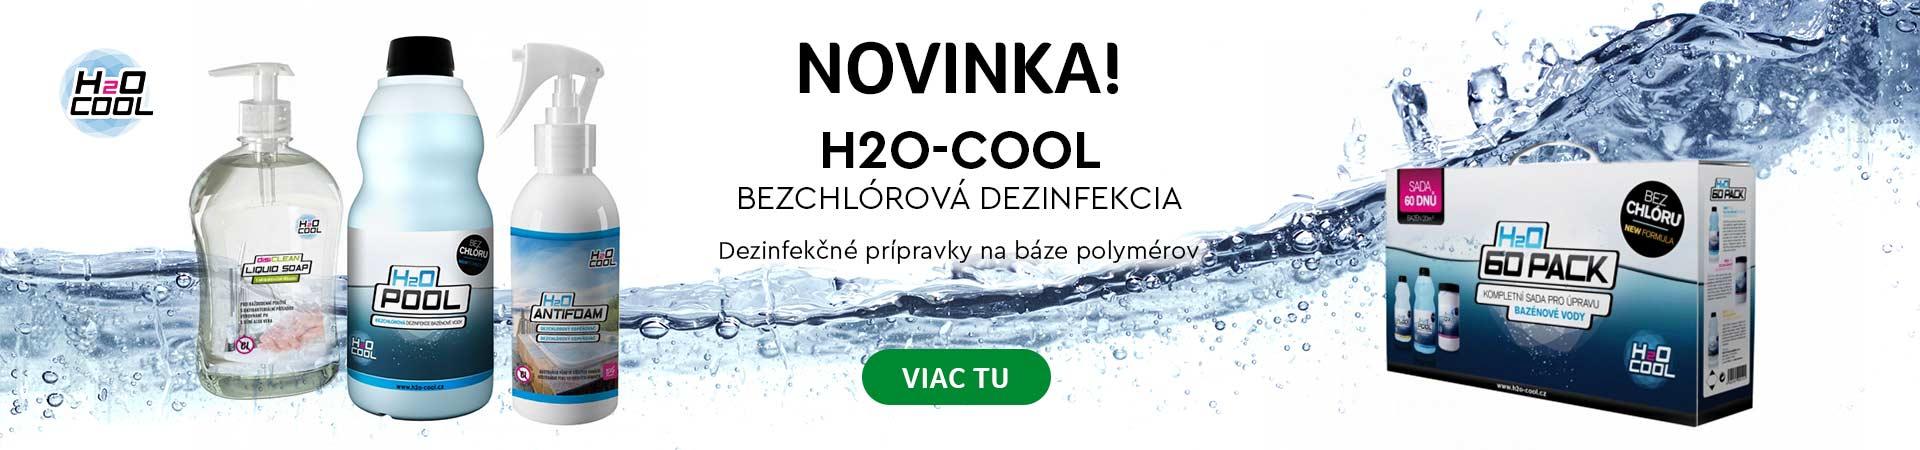 h2o cool